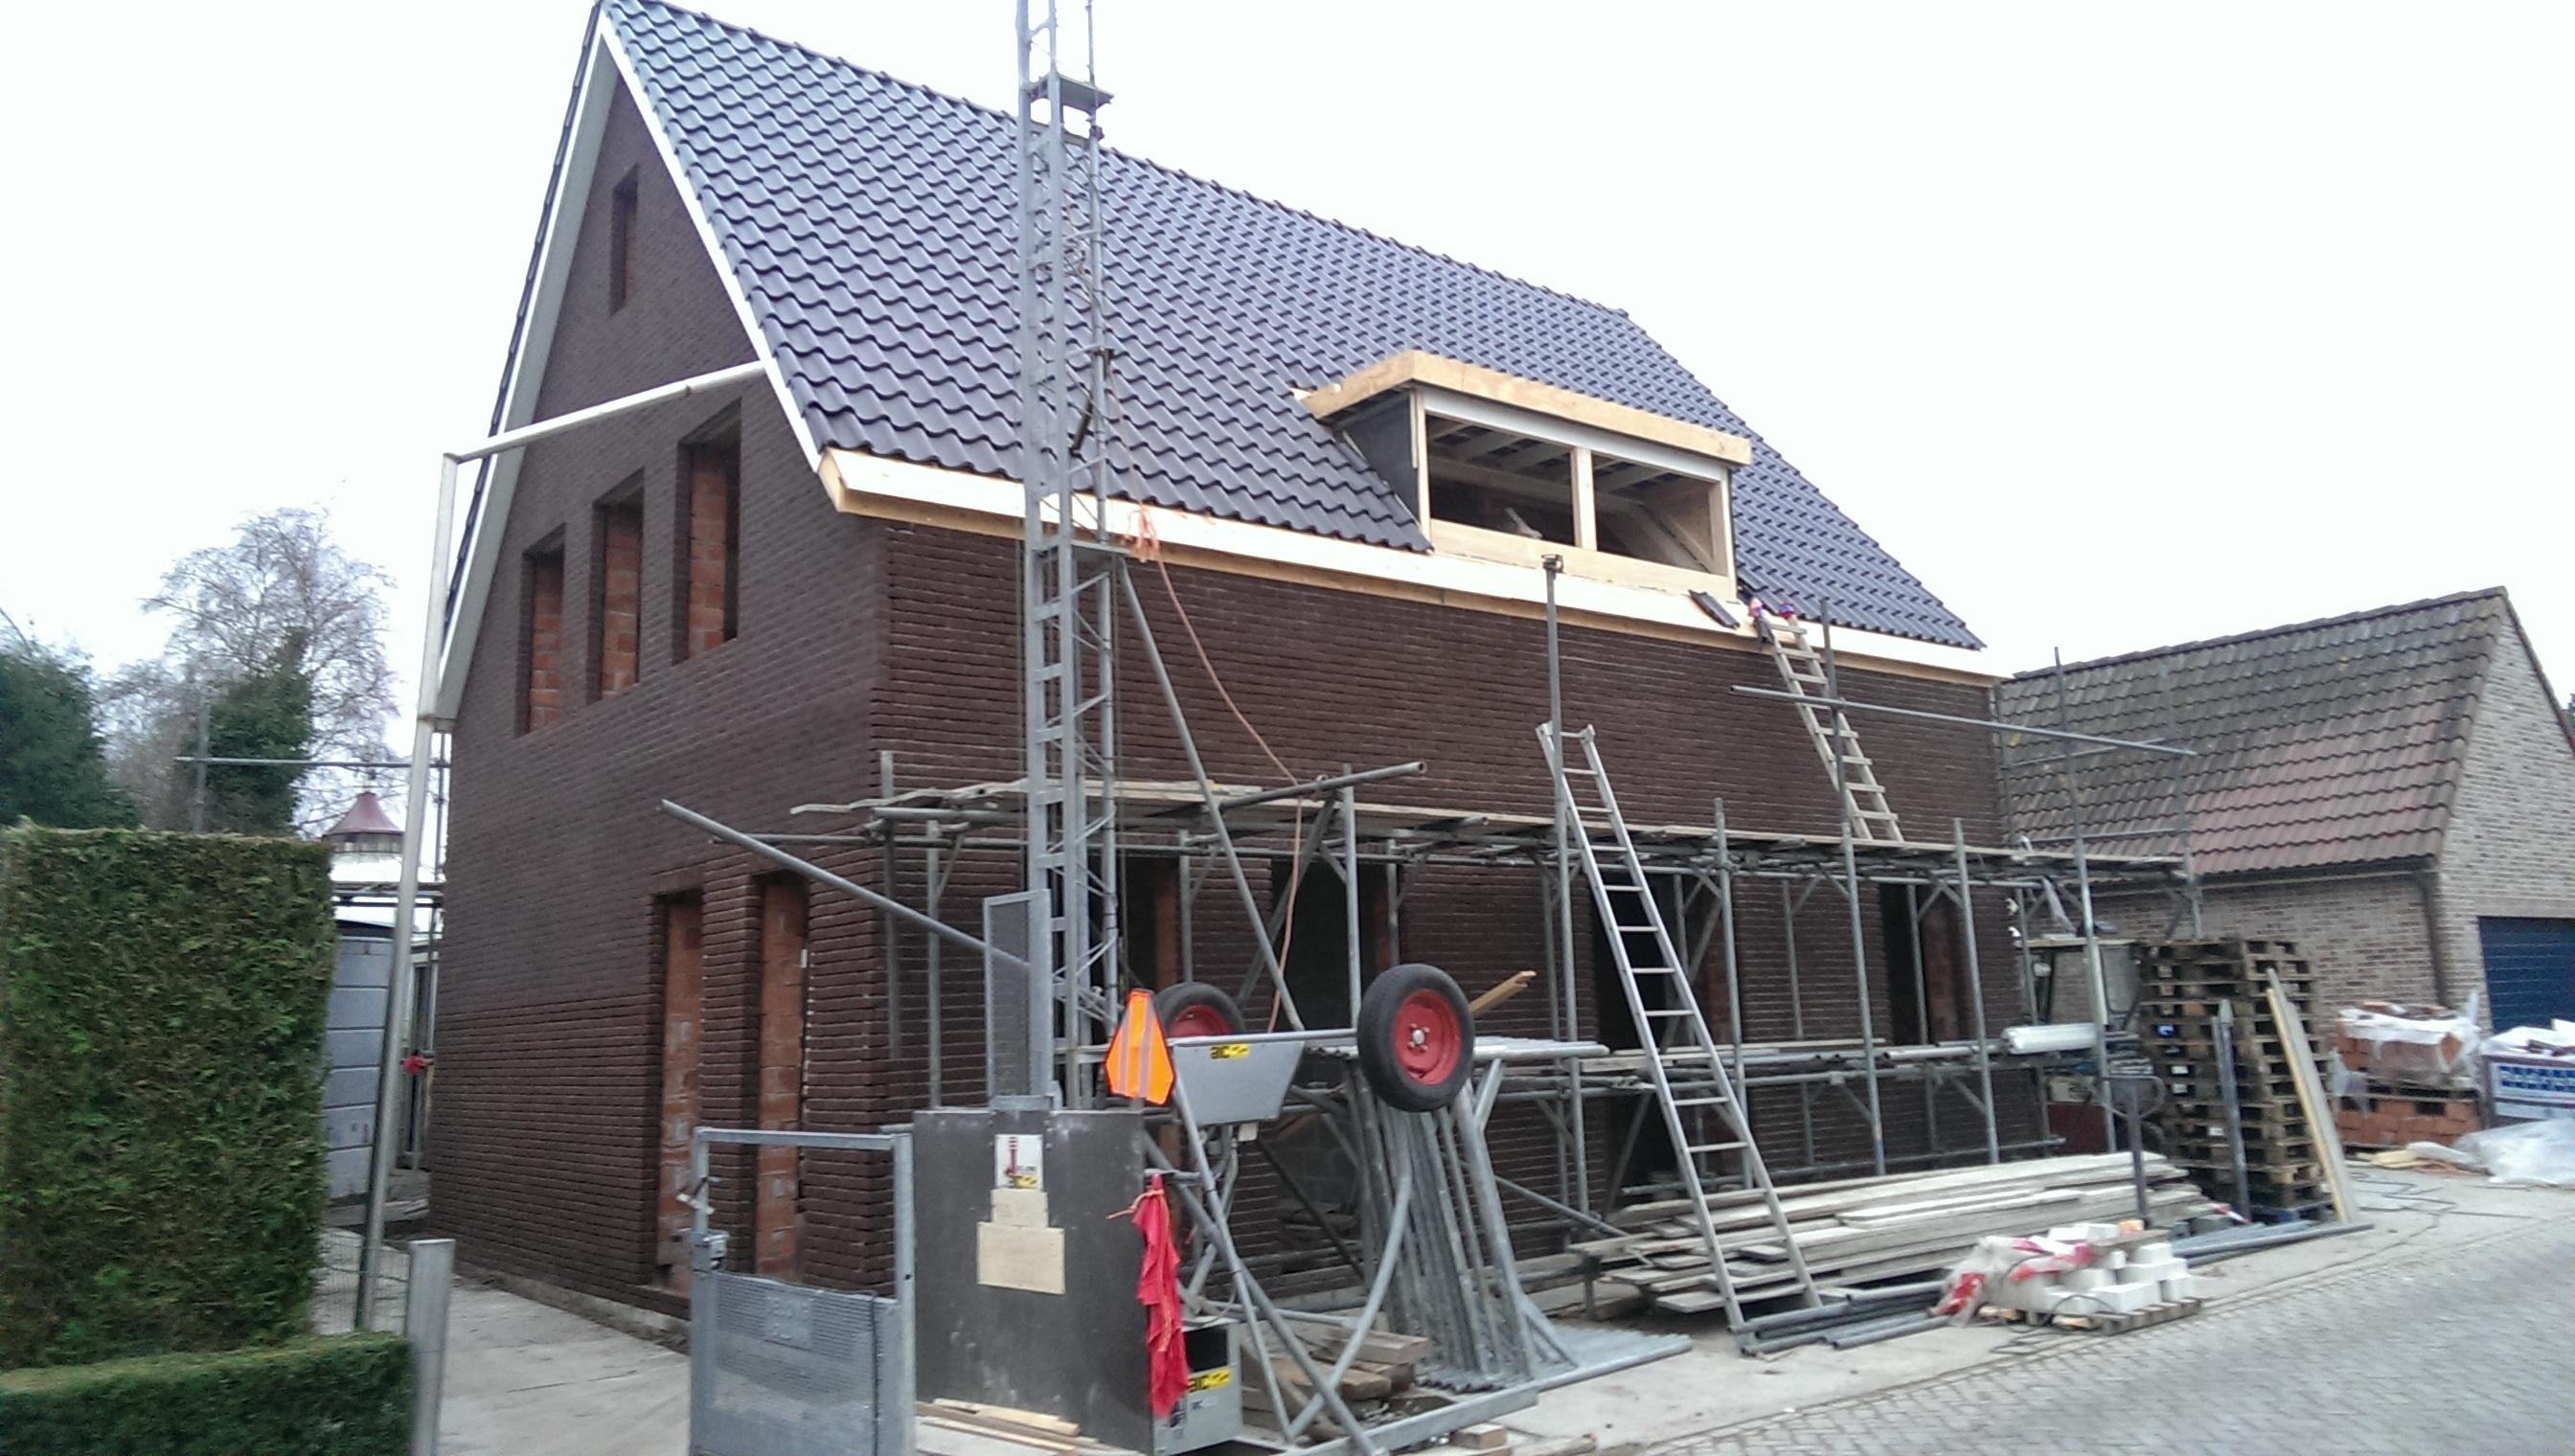 Ervaringen met het bouwen van een huis deel 1 wonen for Zelf huis bouwen kostprijs